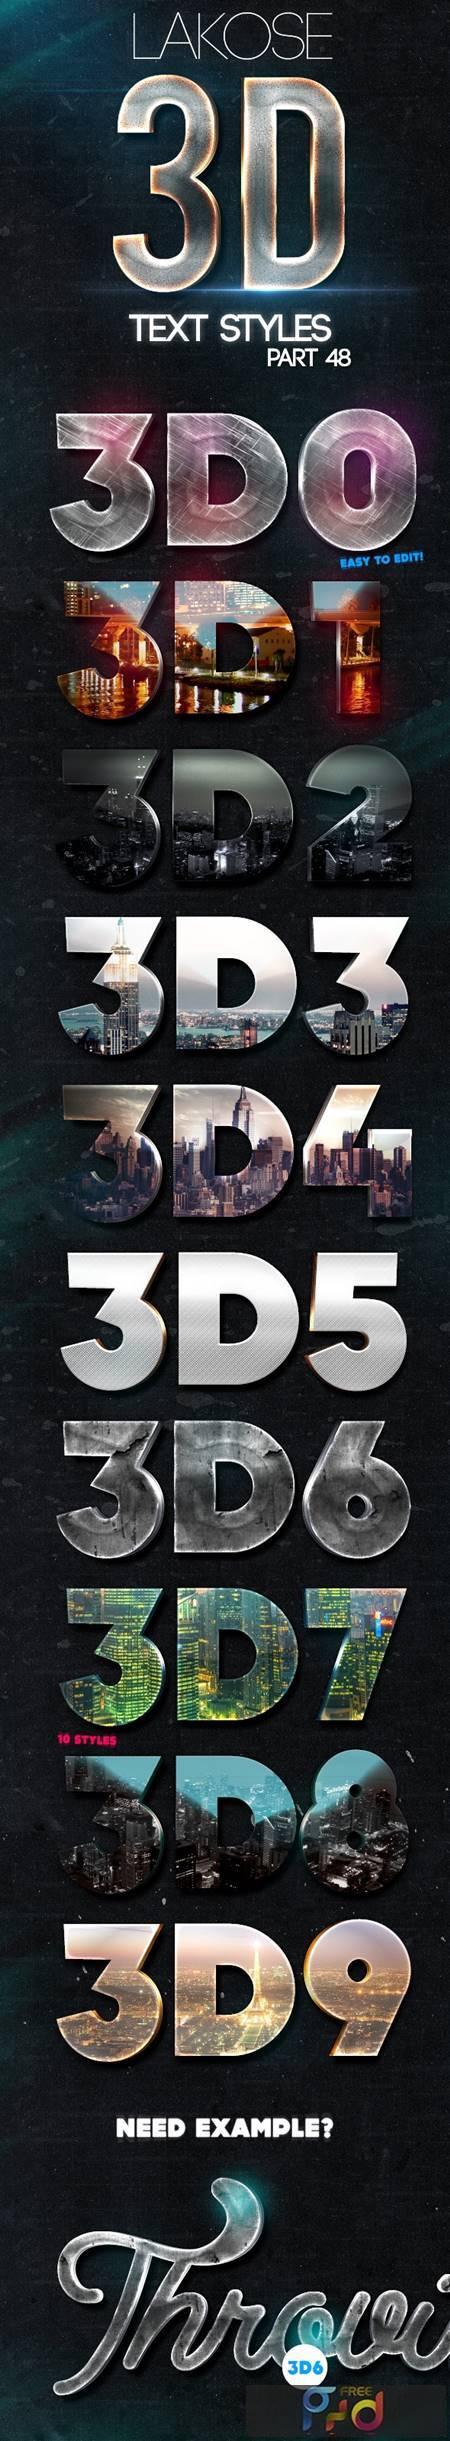 Lakose 3D Text Styles Part 48 24493556 1